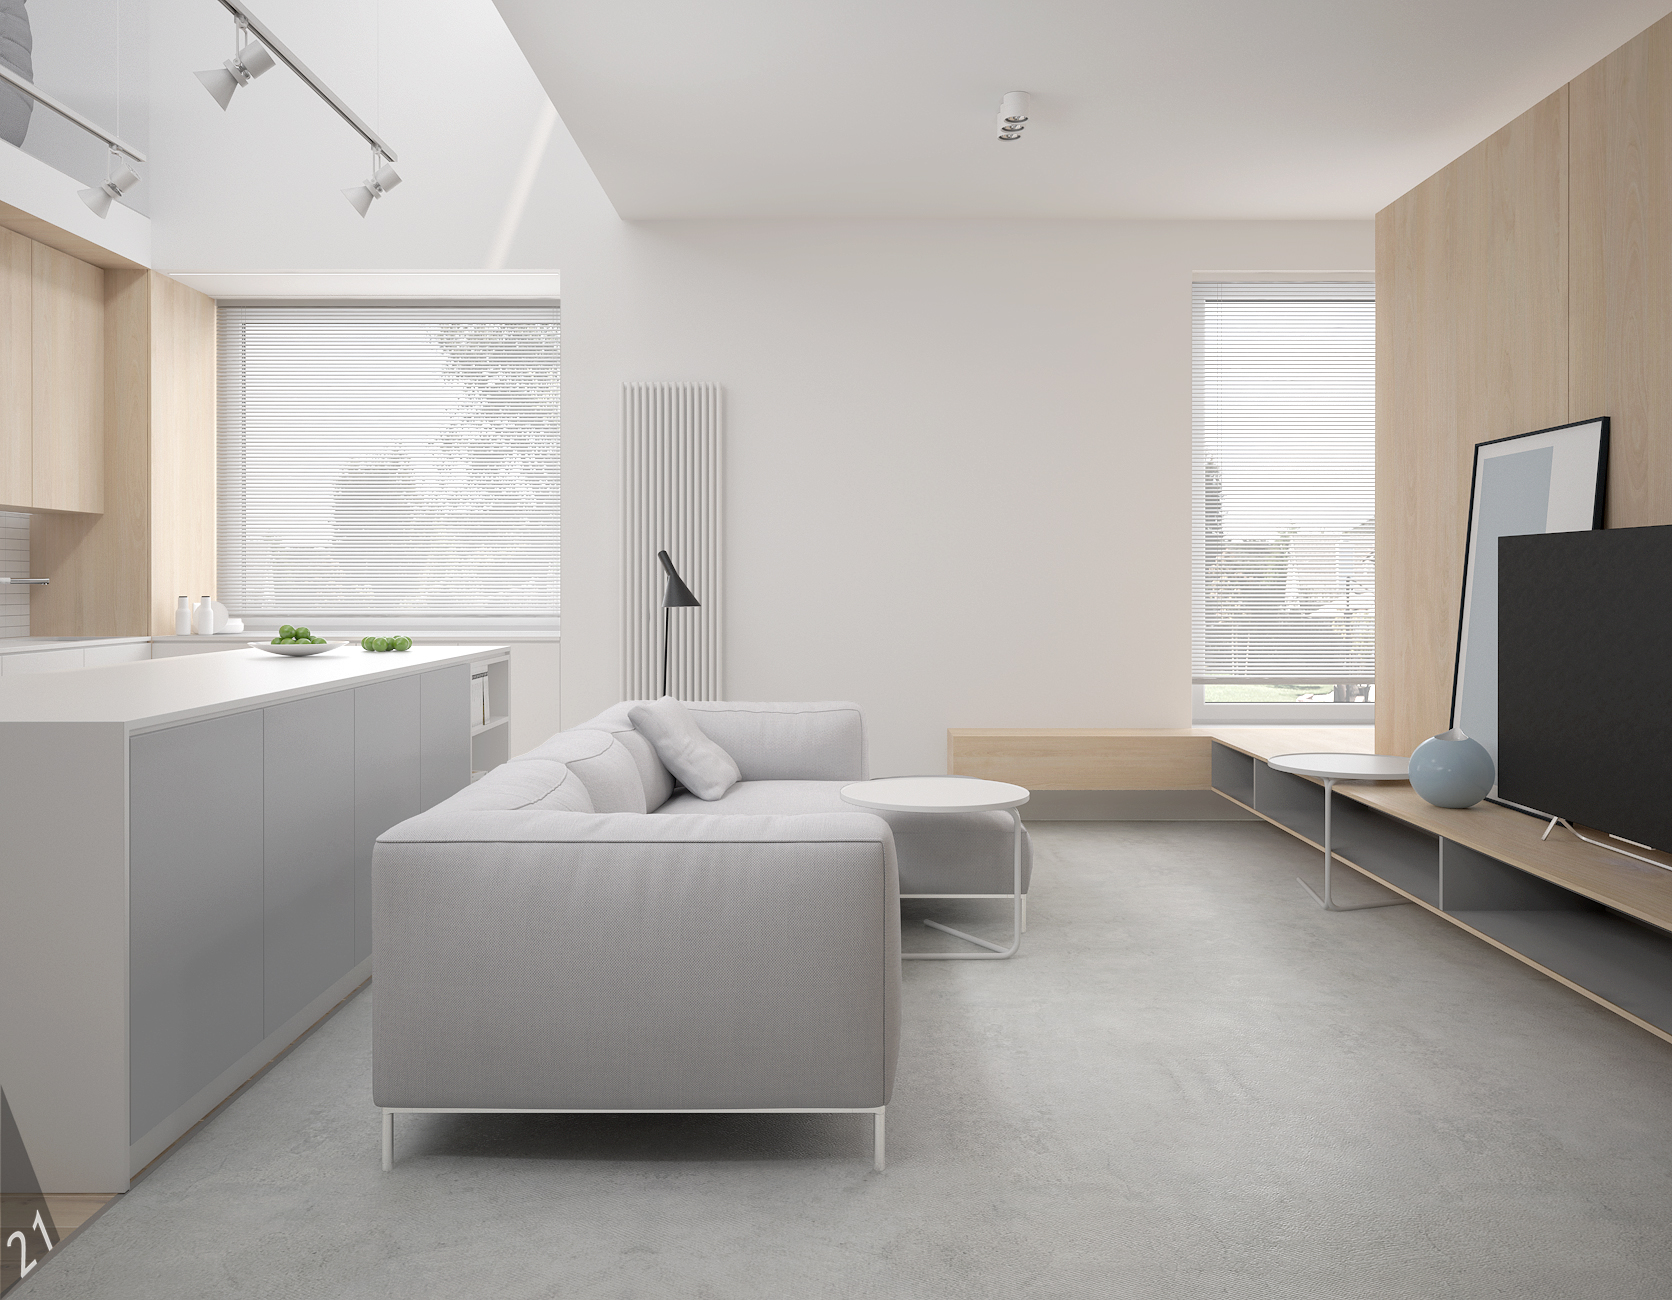 2 projektant wnetrz D372 dom z antresola katowice posadzka betonowa drewno na scianie biala wyspa kuchenna